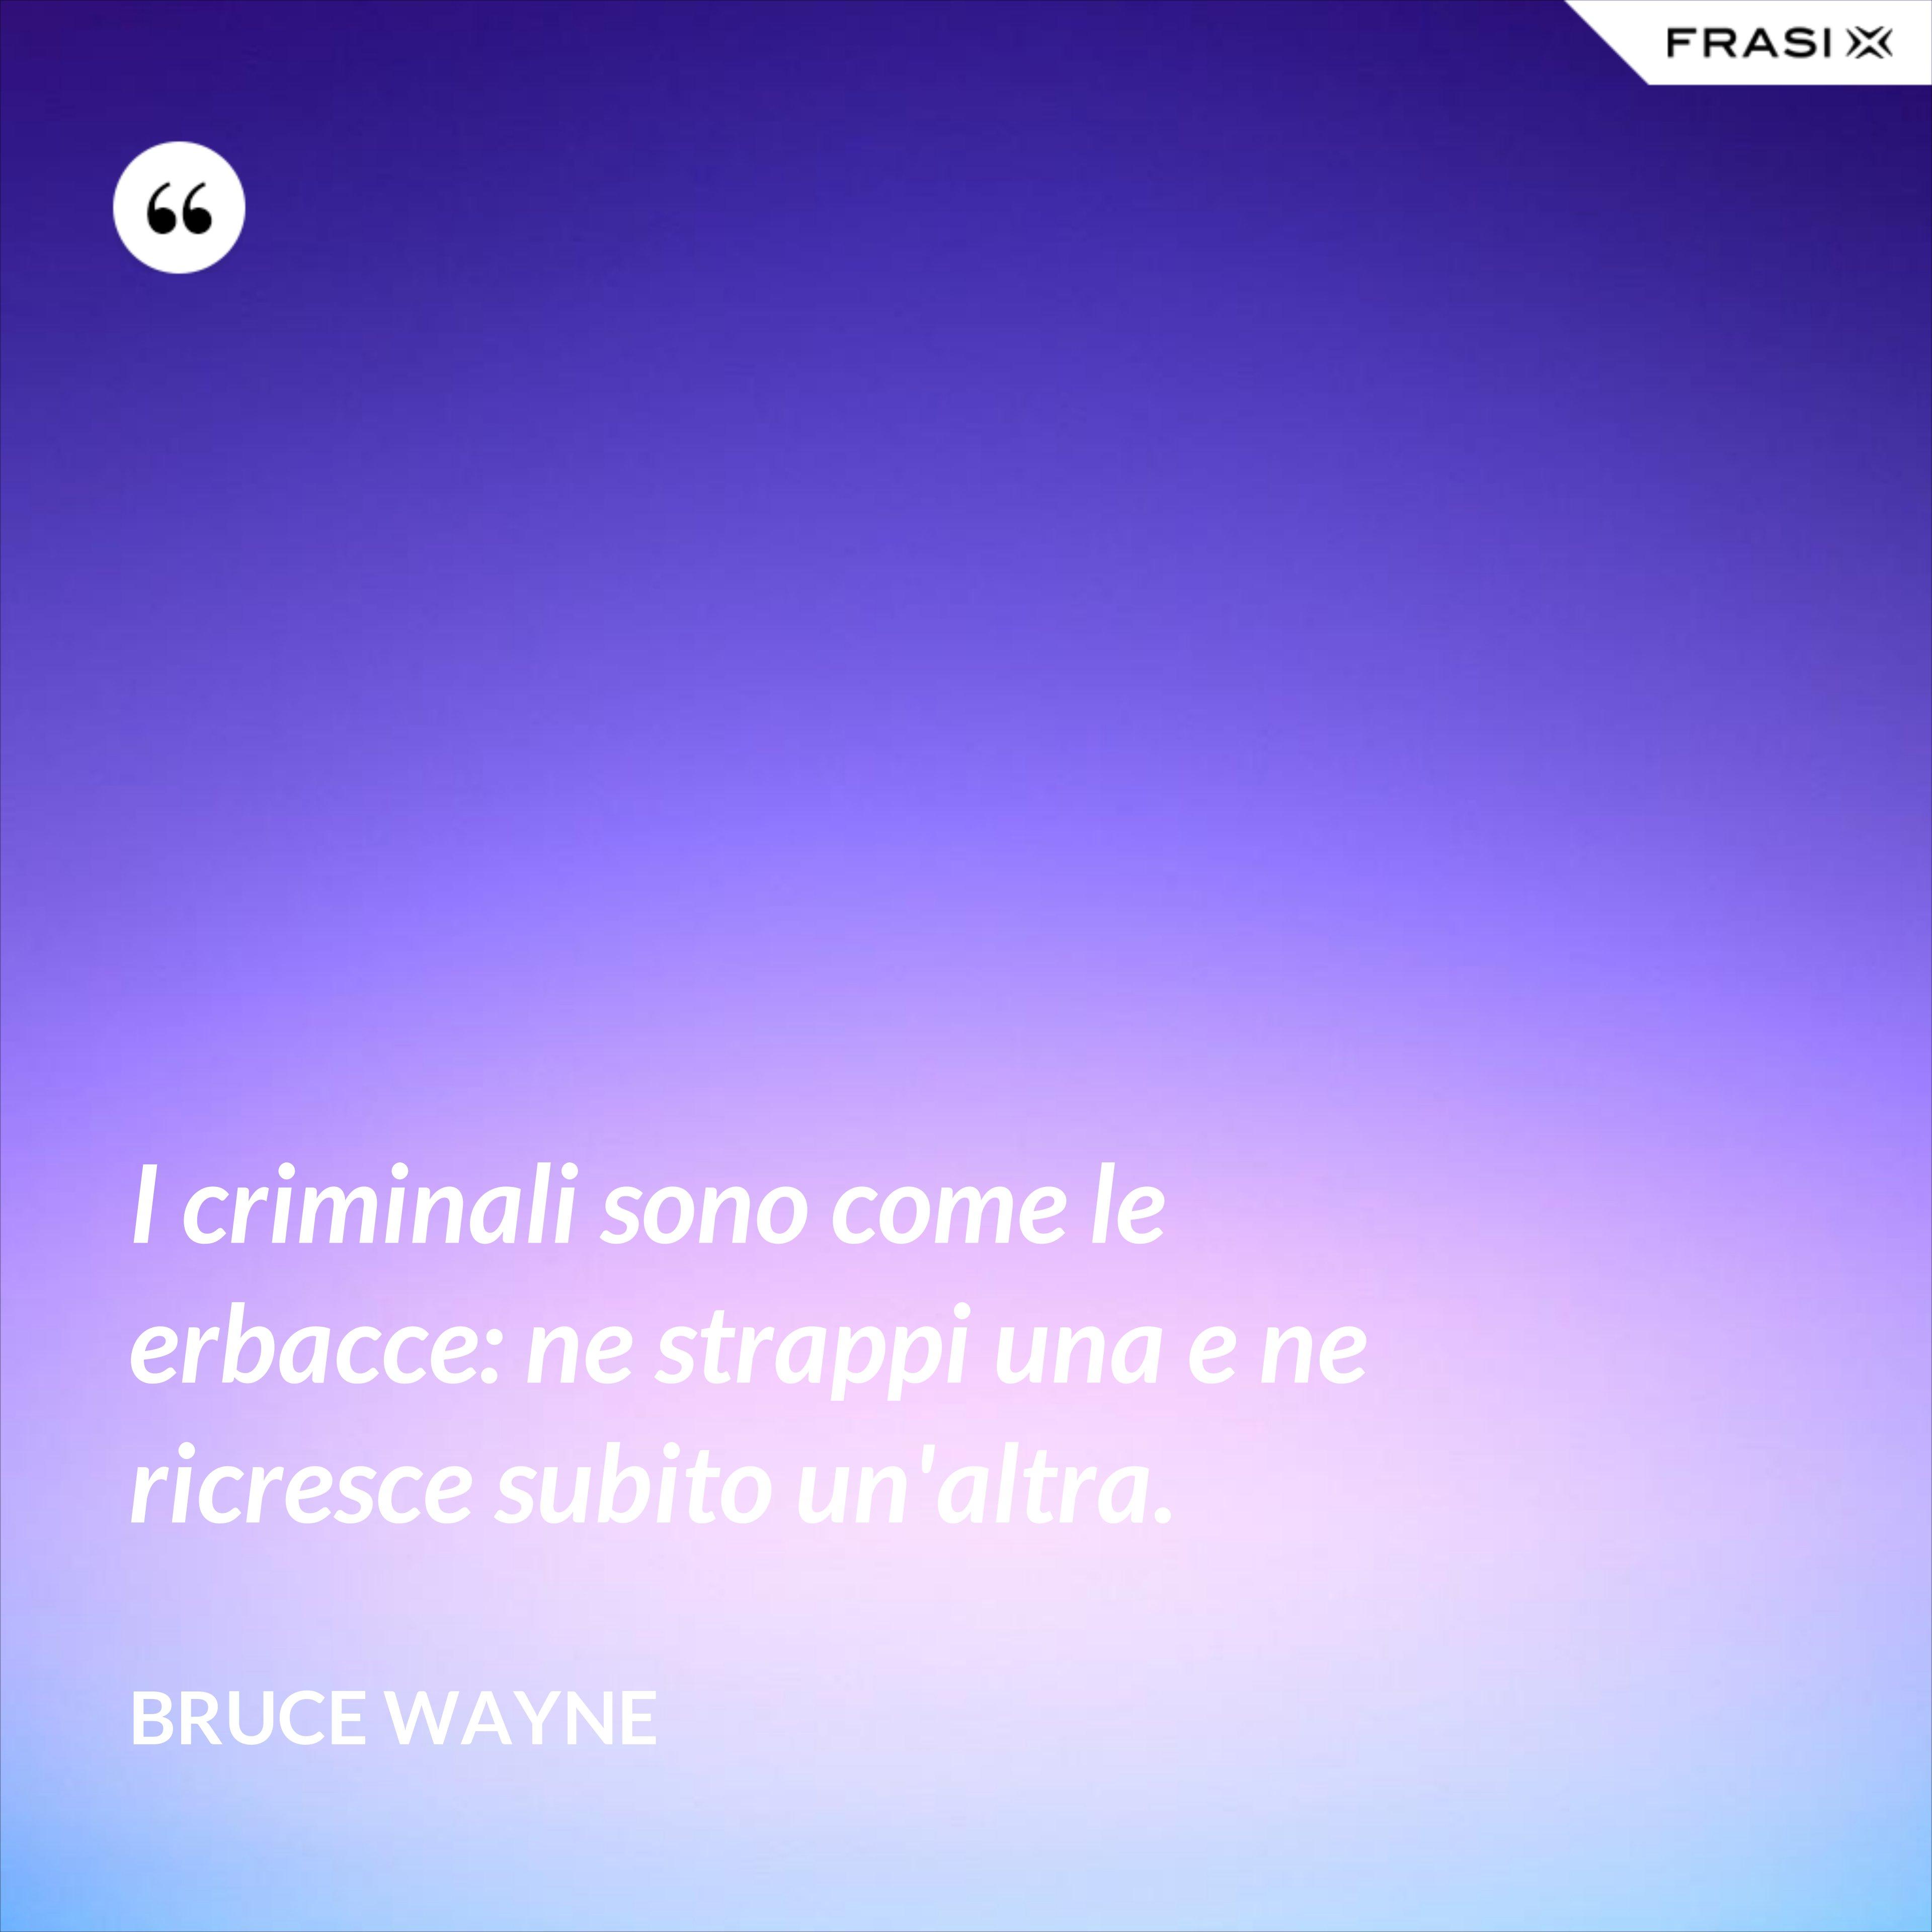 I criminali sono come le erbacce: ne strappi una e ne ricresce subito un'altra. - Bruce Wayne